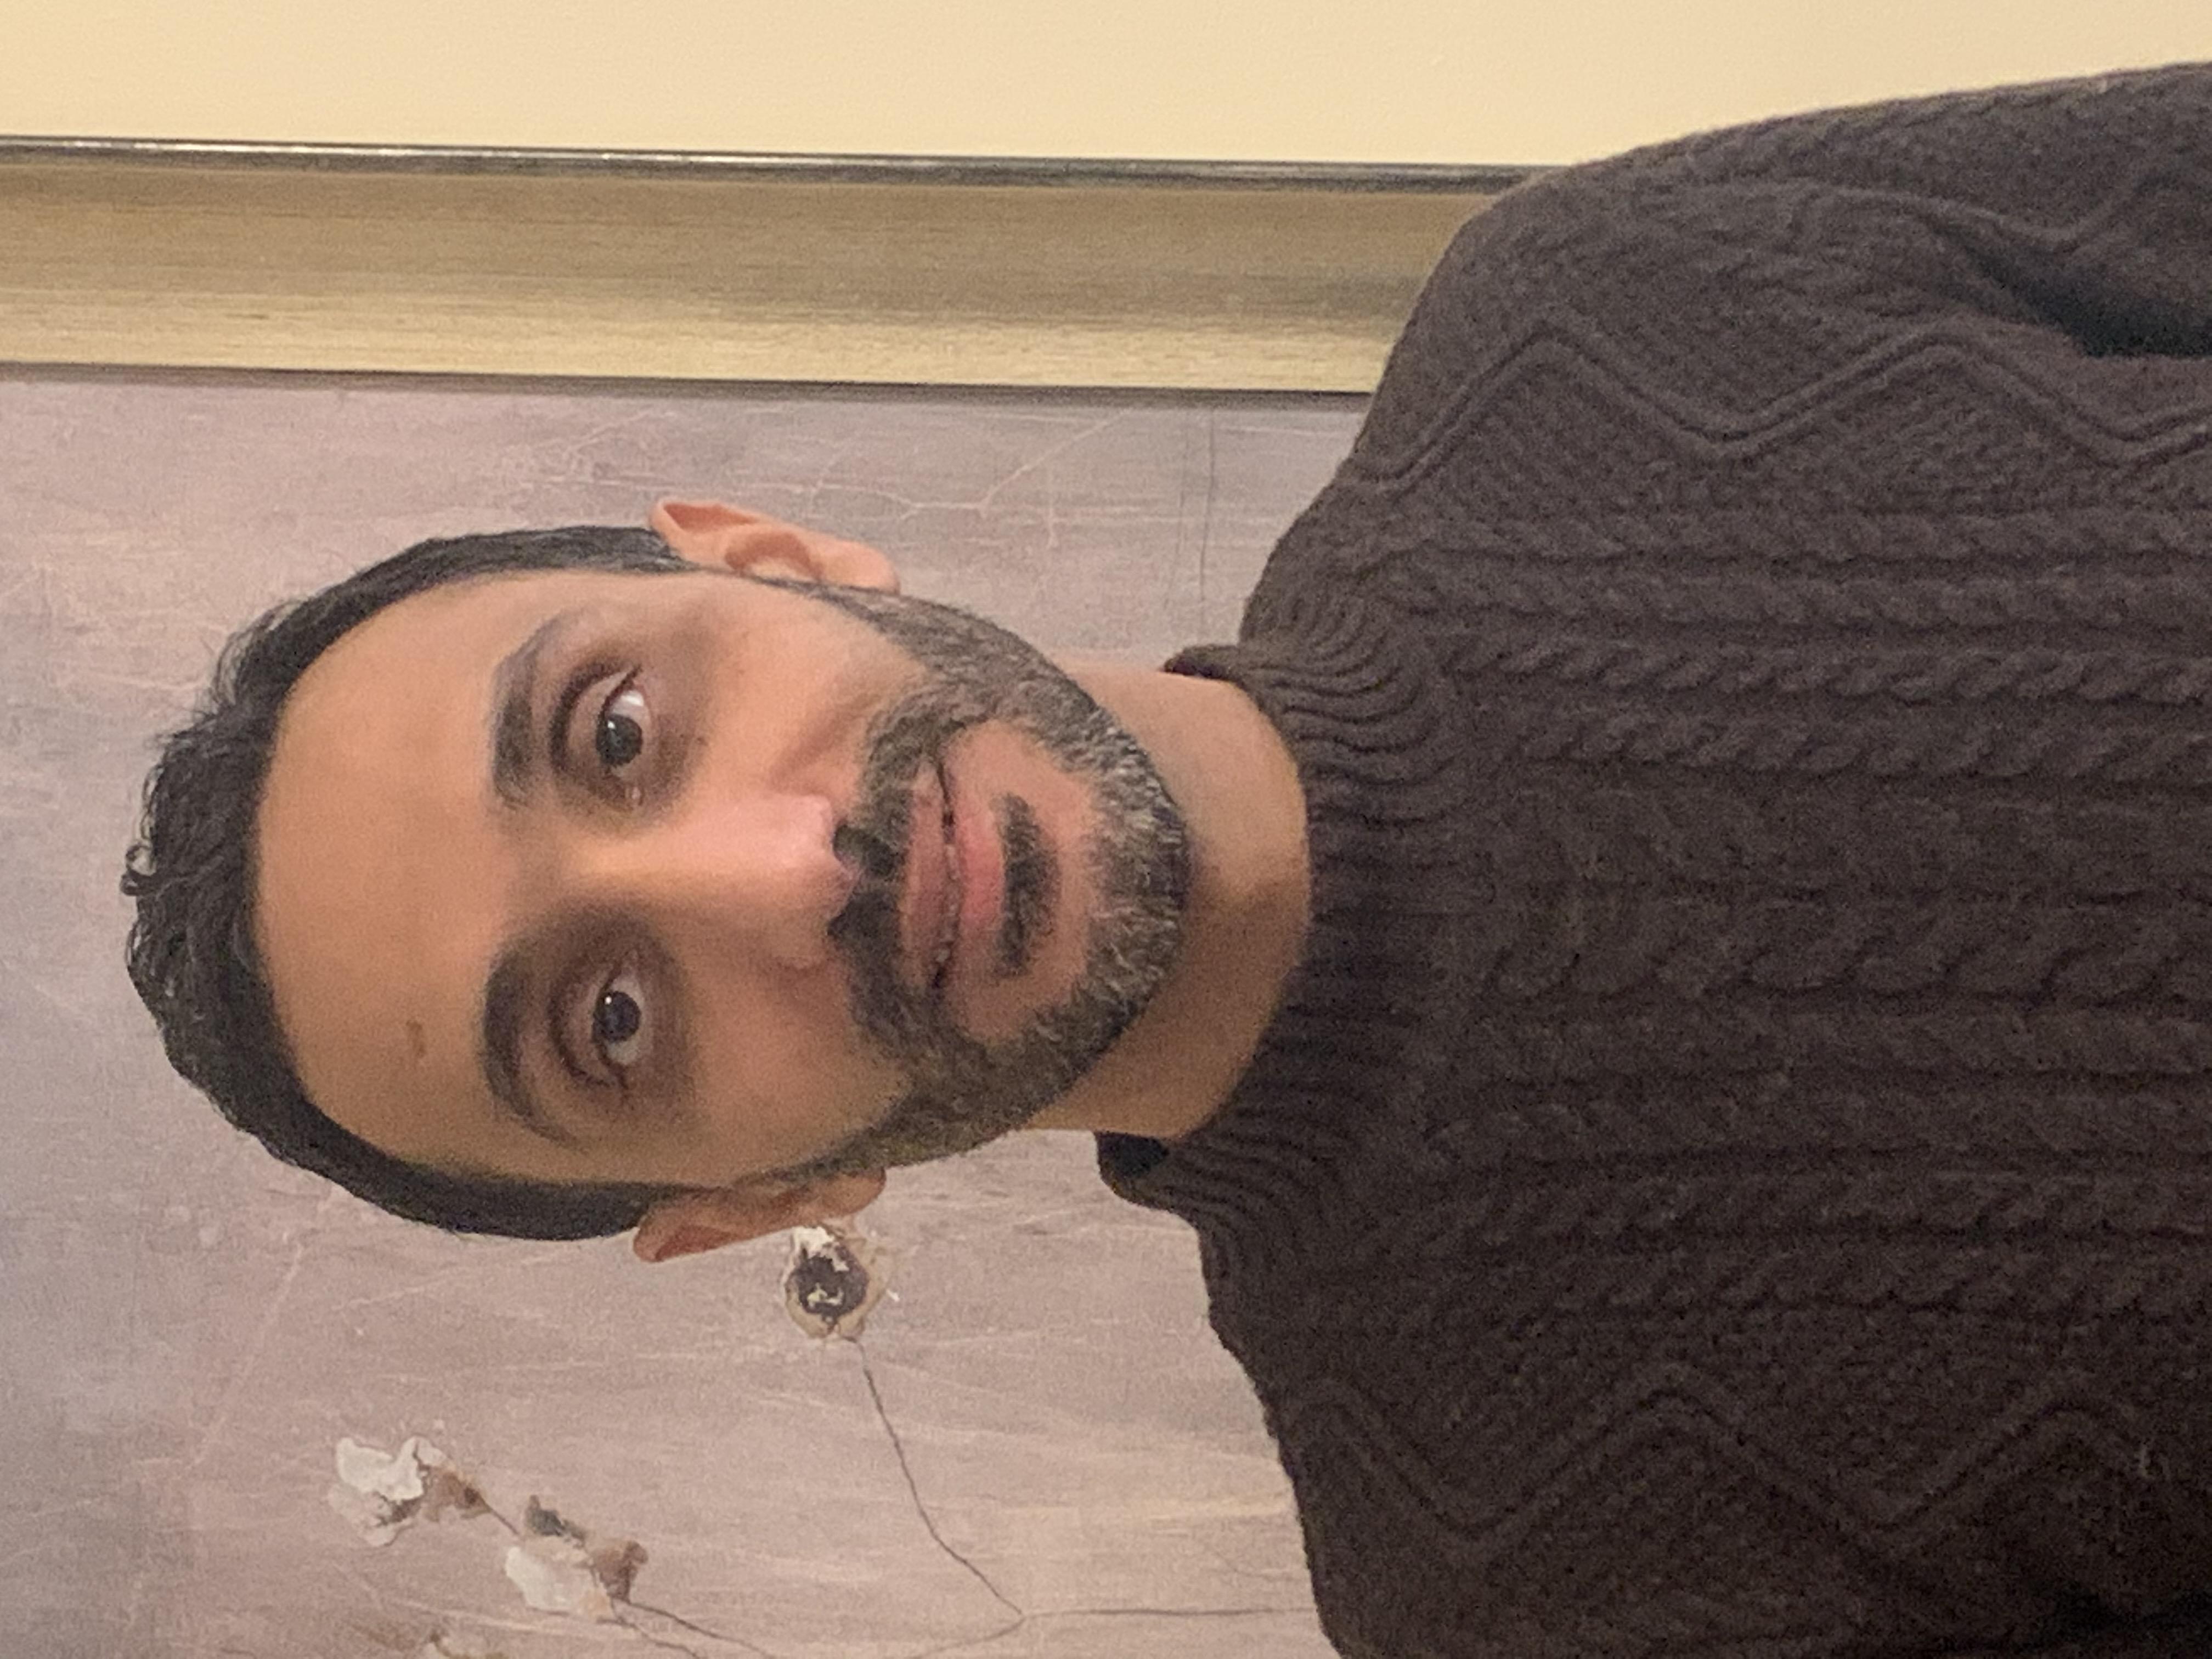 Samir Guerioune